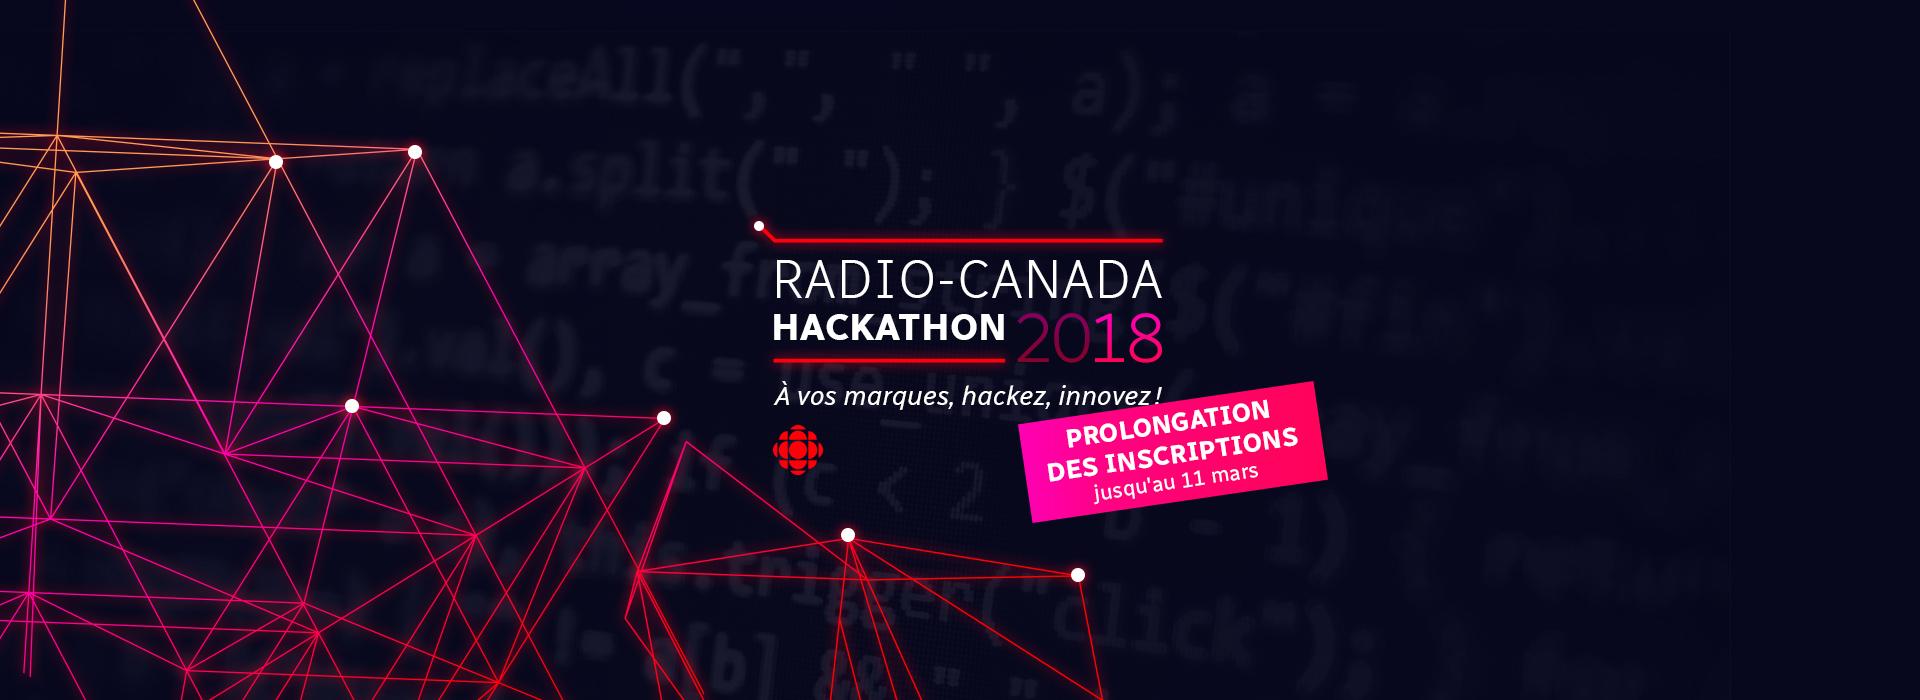 Есть ли порох в пороховницах? Hackathon Radio Canada 2018 (Часть первая, собираем команду)